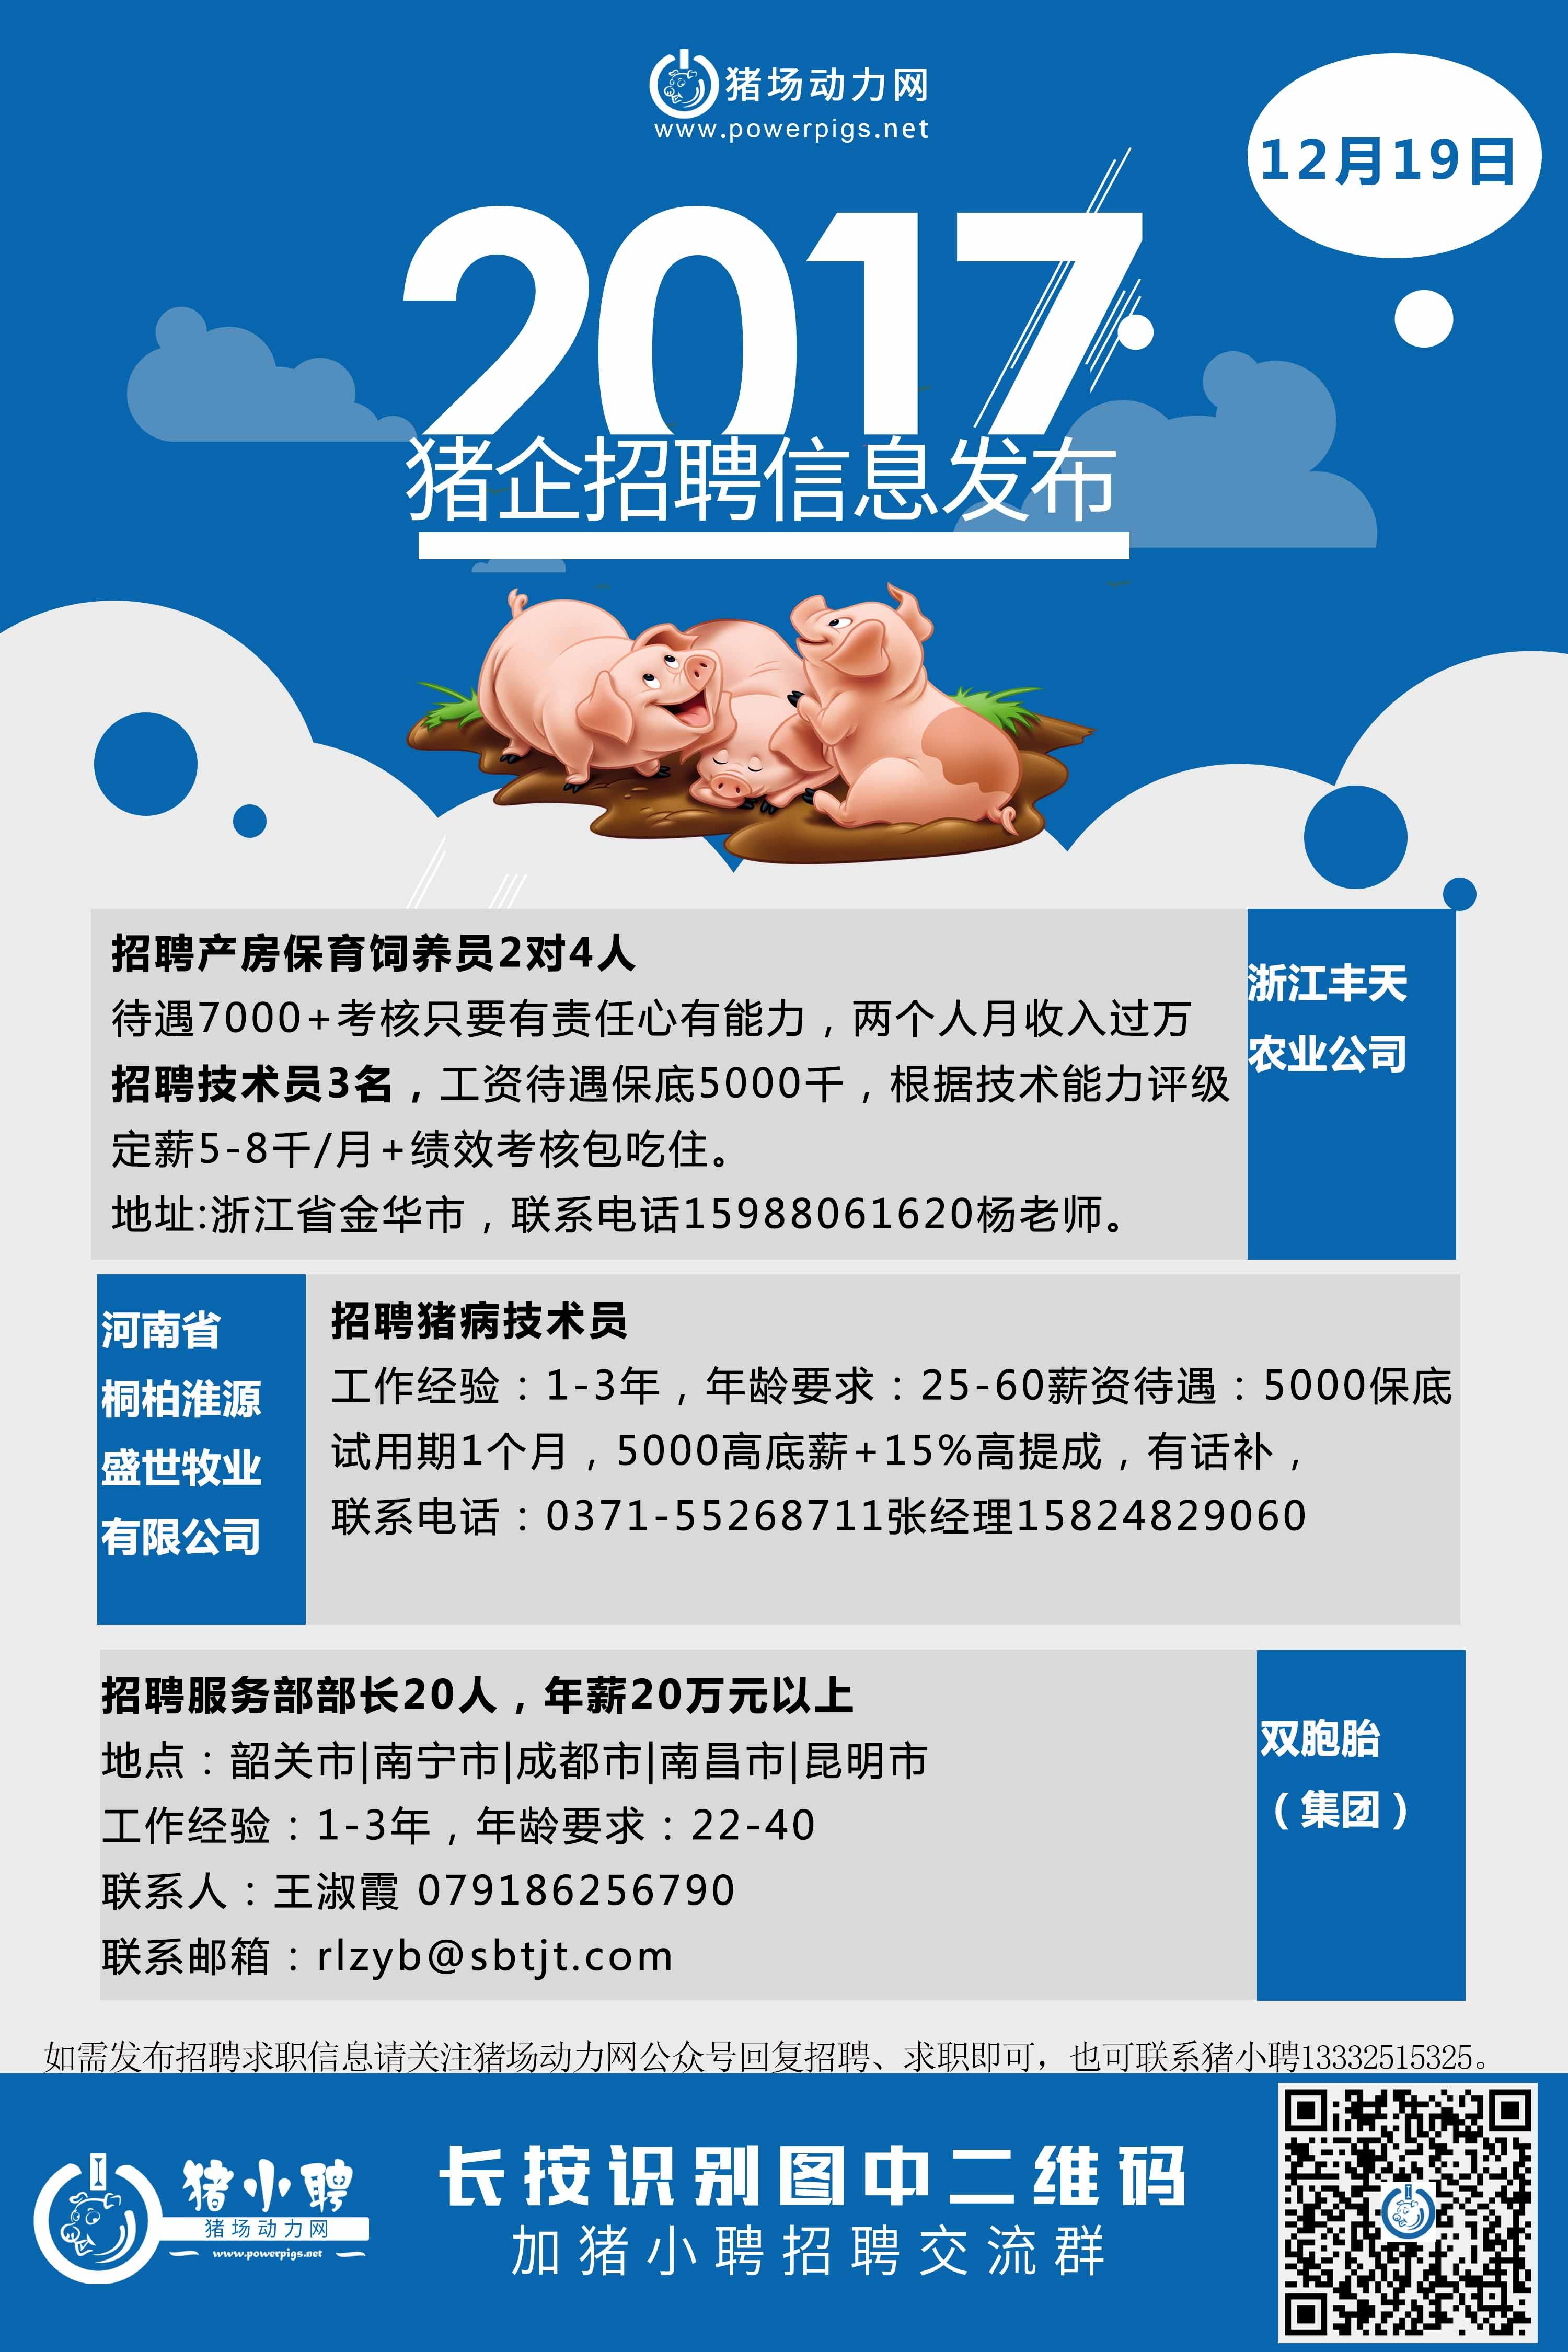 12.19日猪场招聘.jpg